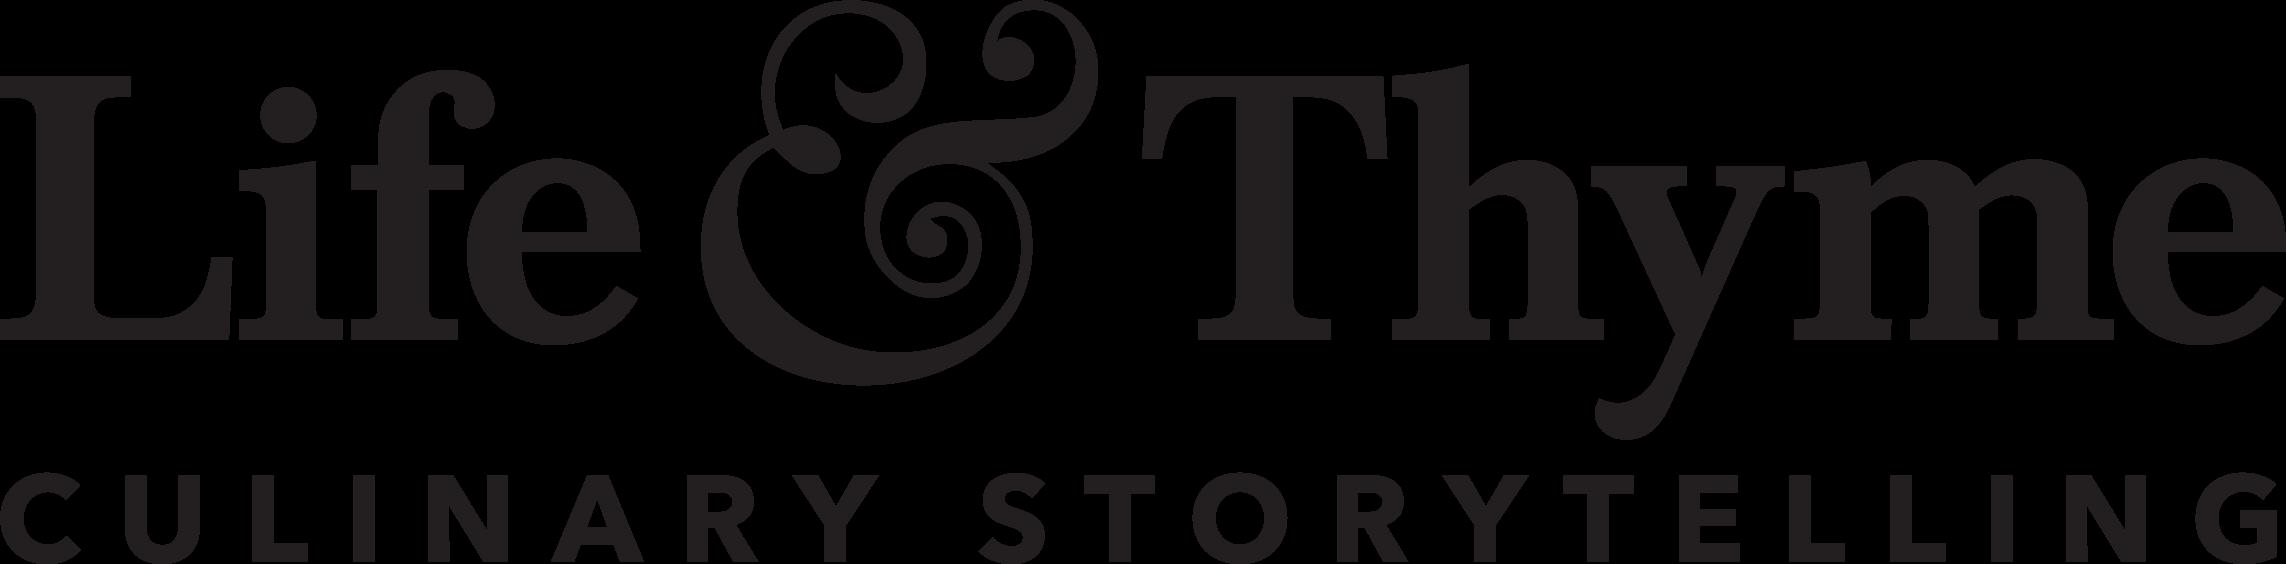 LT-Logo-all-black.png